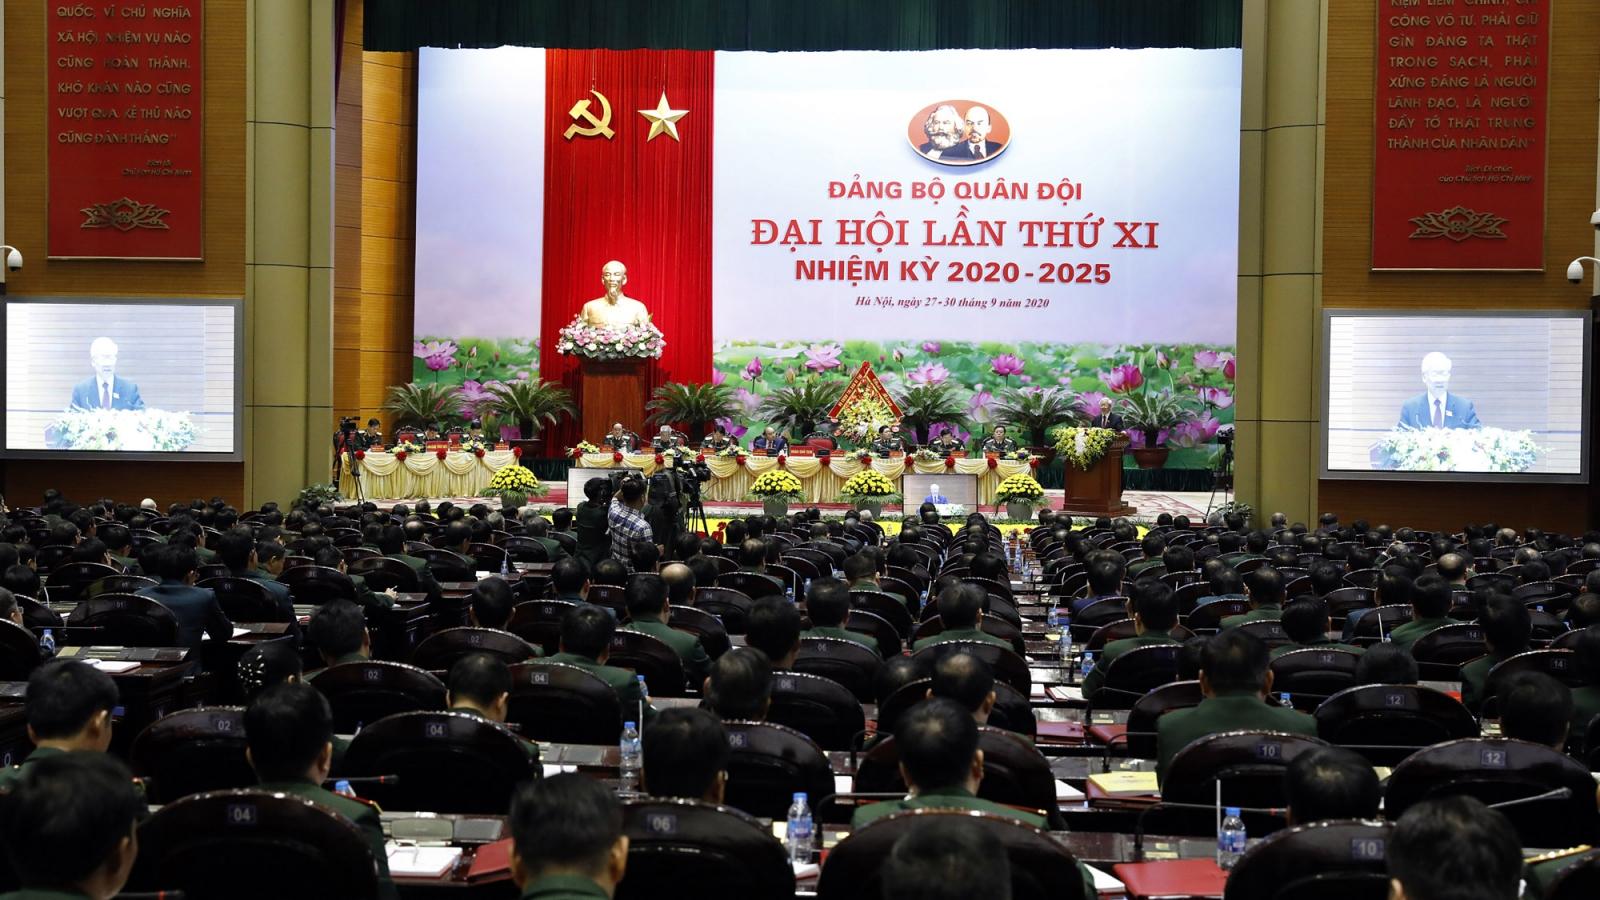 Chính thức khai mạc Đại hội đại biểu Đảng bộ Quân đội lần thứ XI